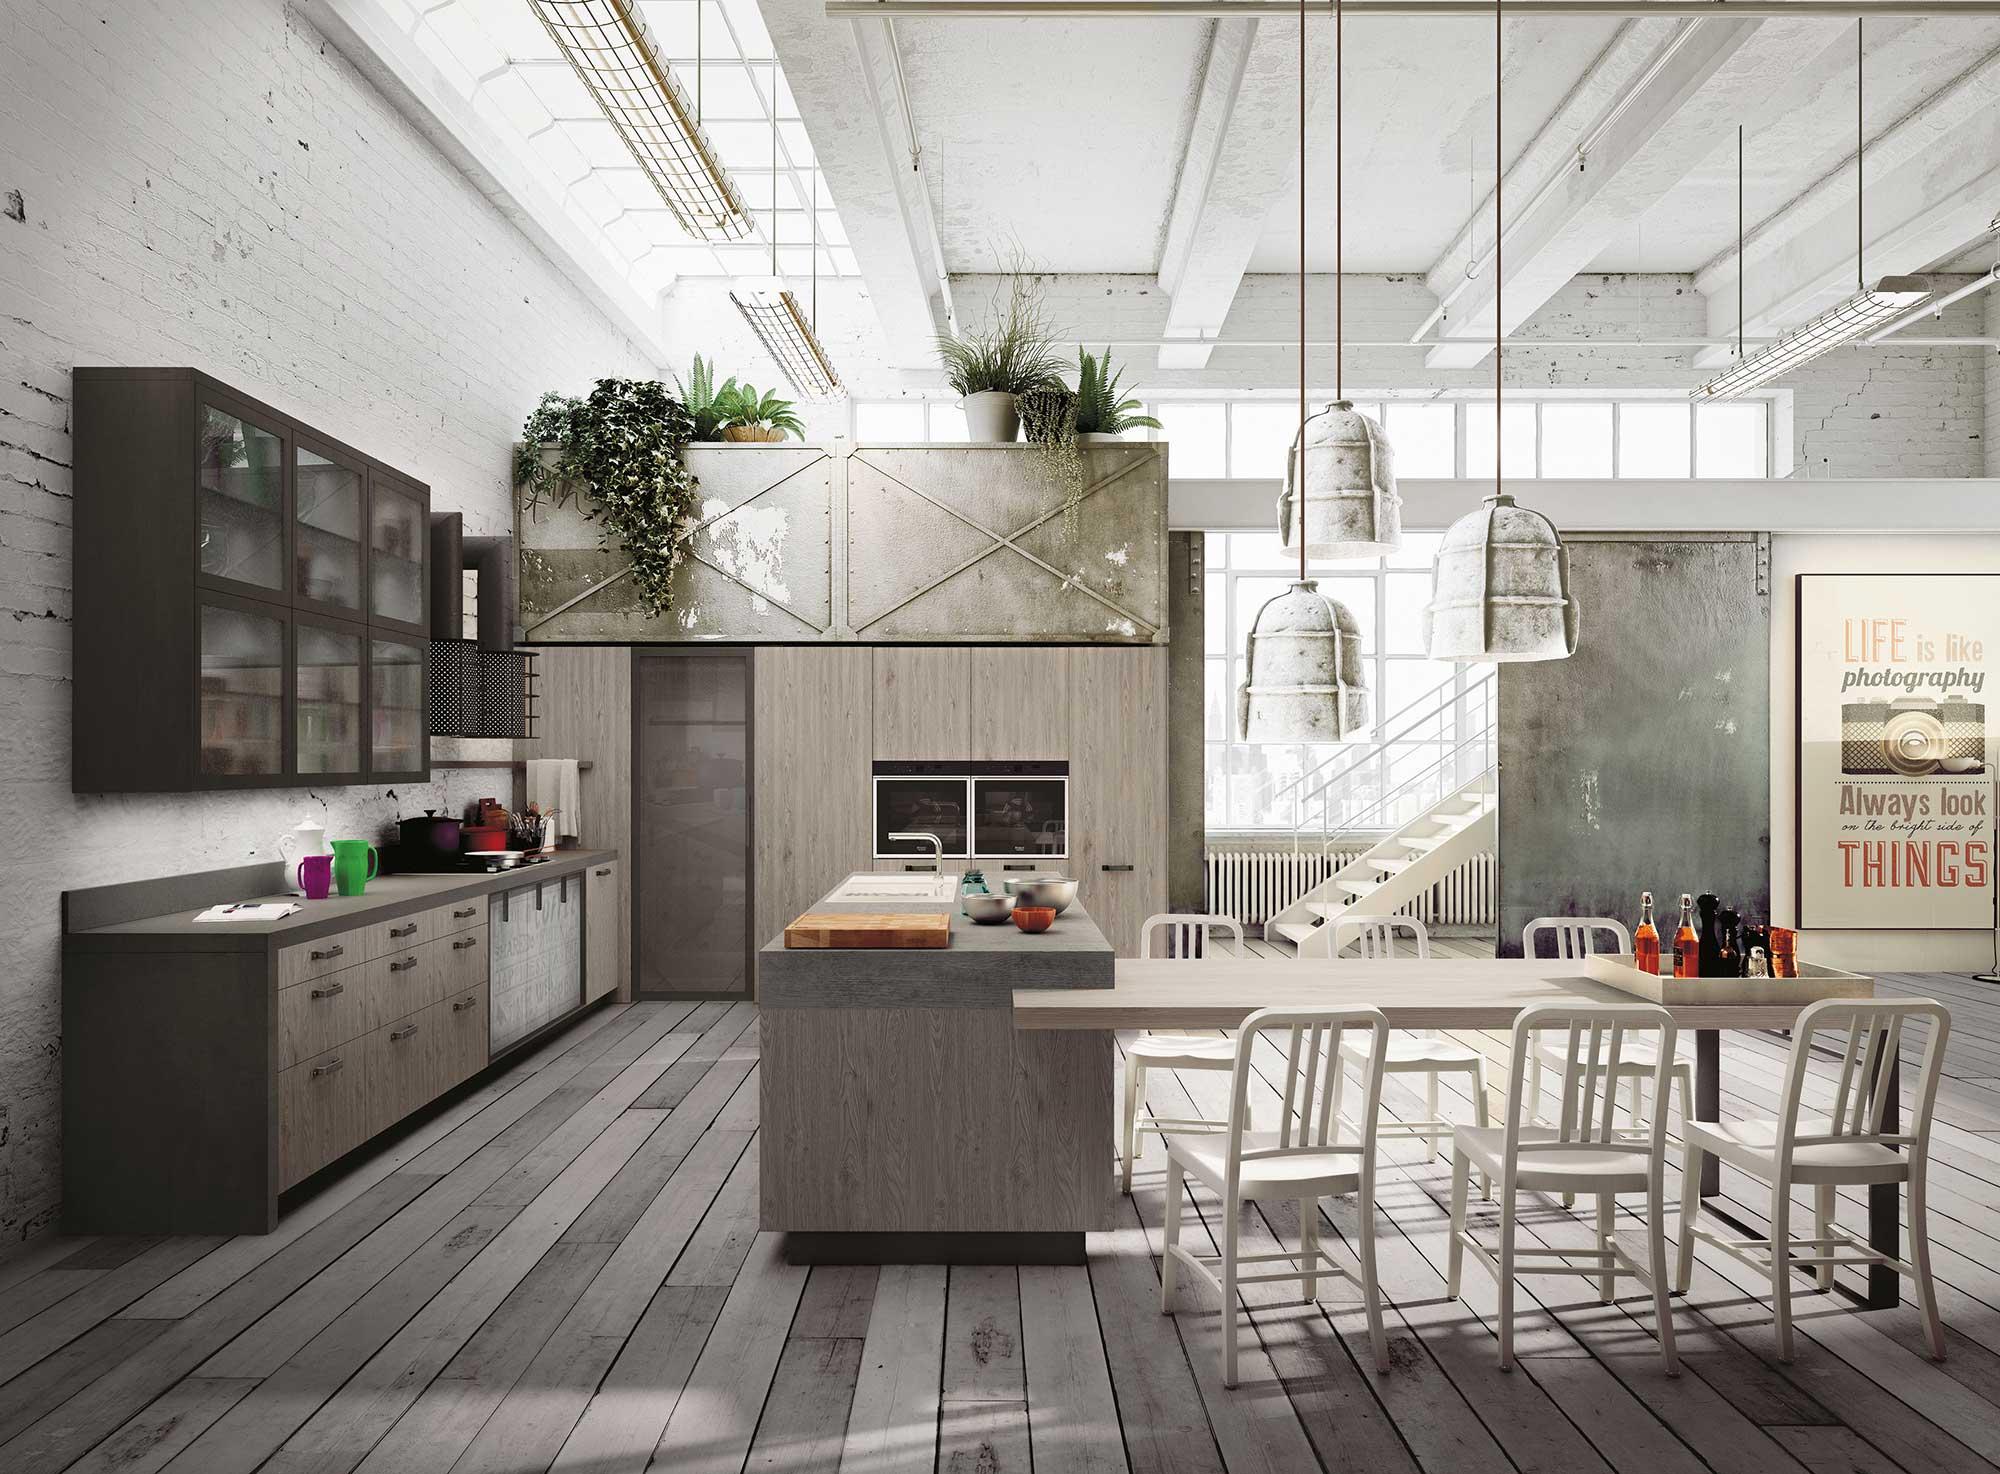 cucine-in-legno-design-loft-snaidero-4